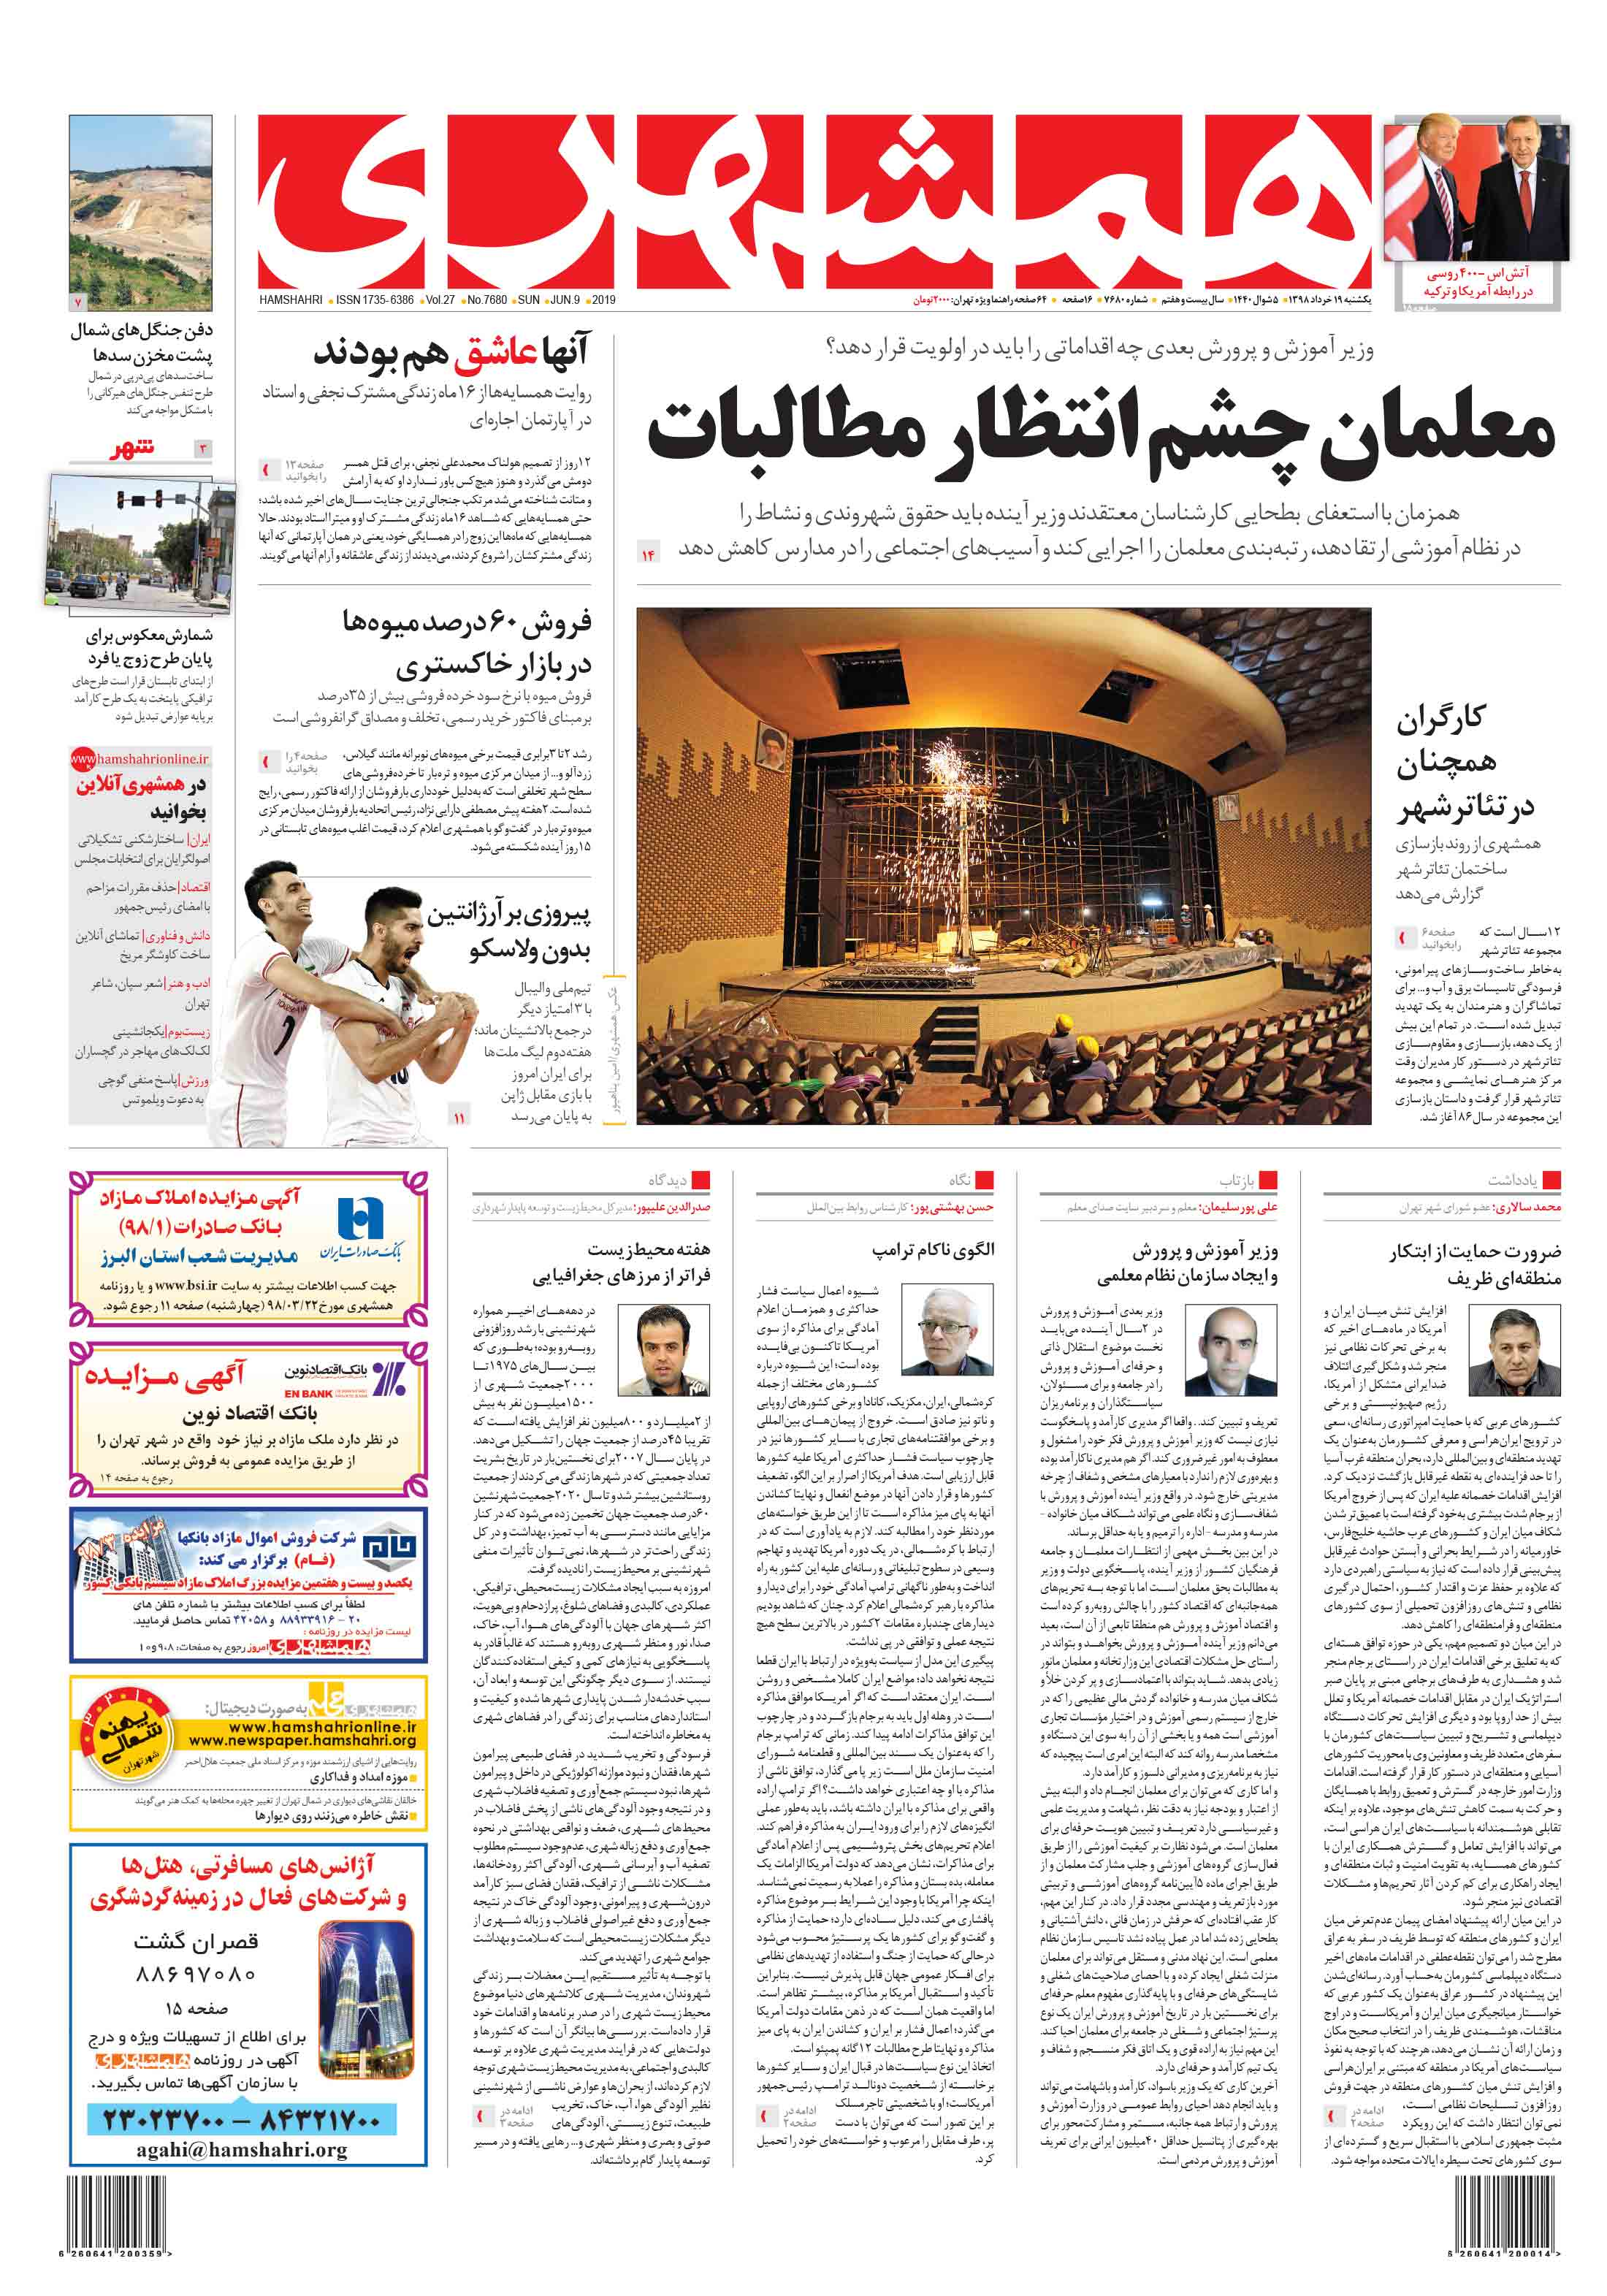 صفحه اول یکشنبه 19 خرداد 1398